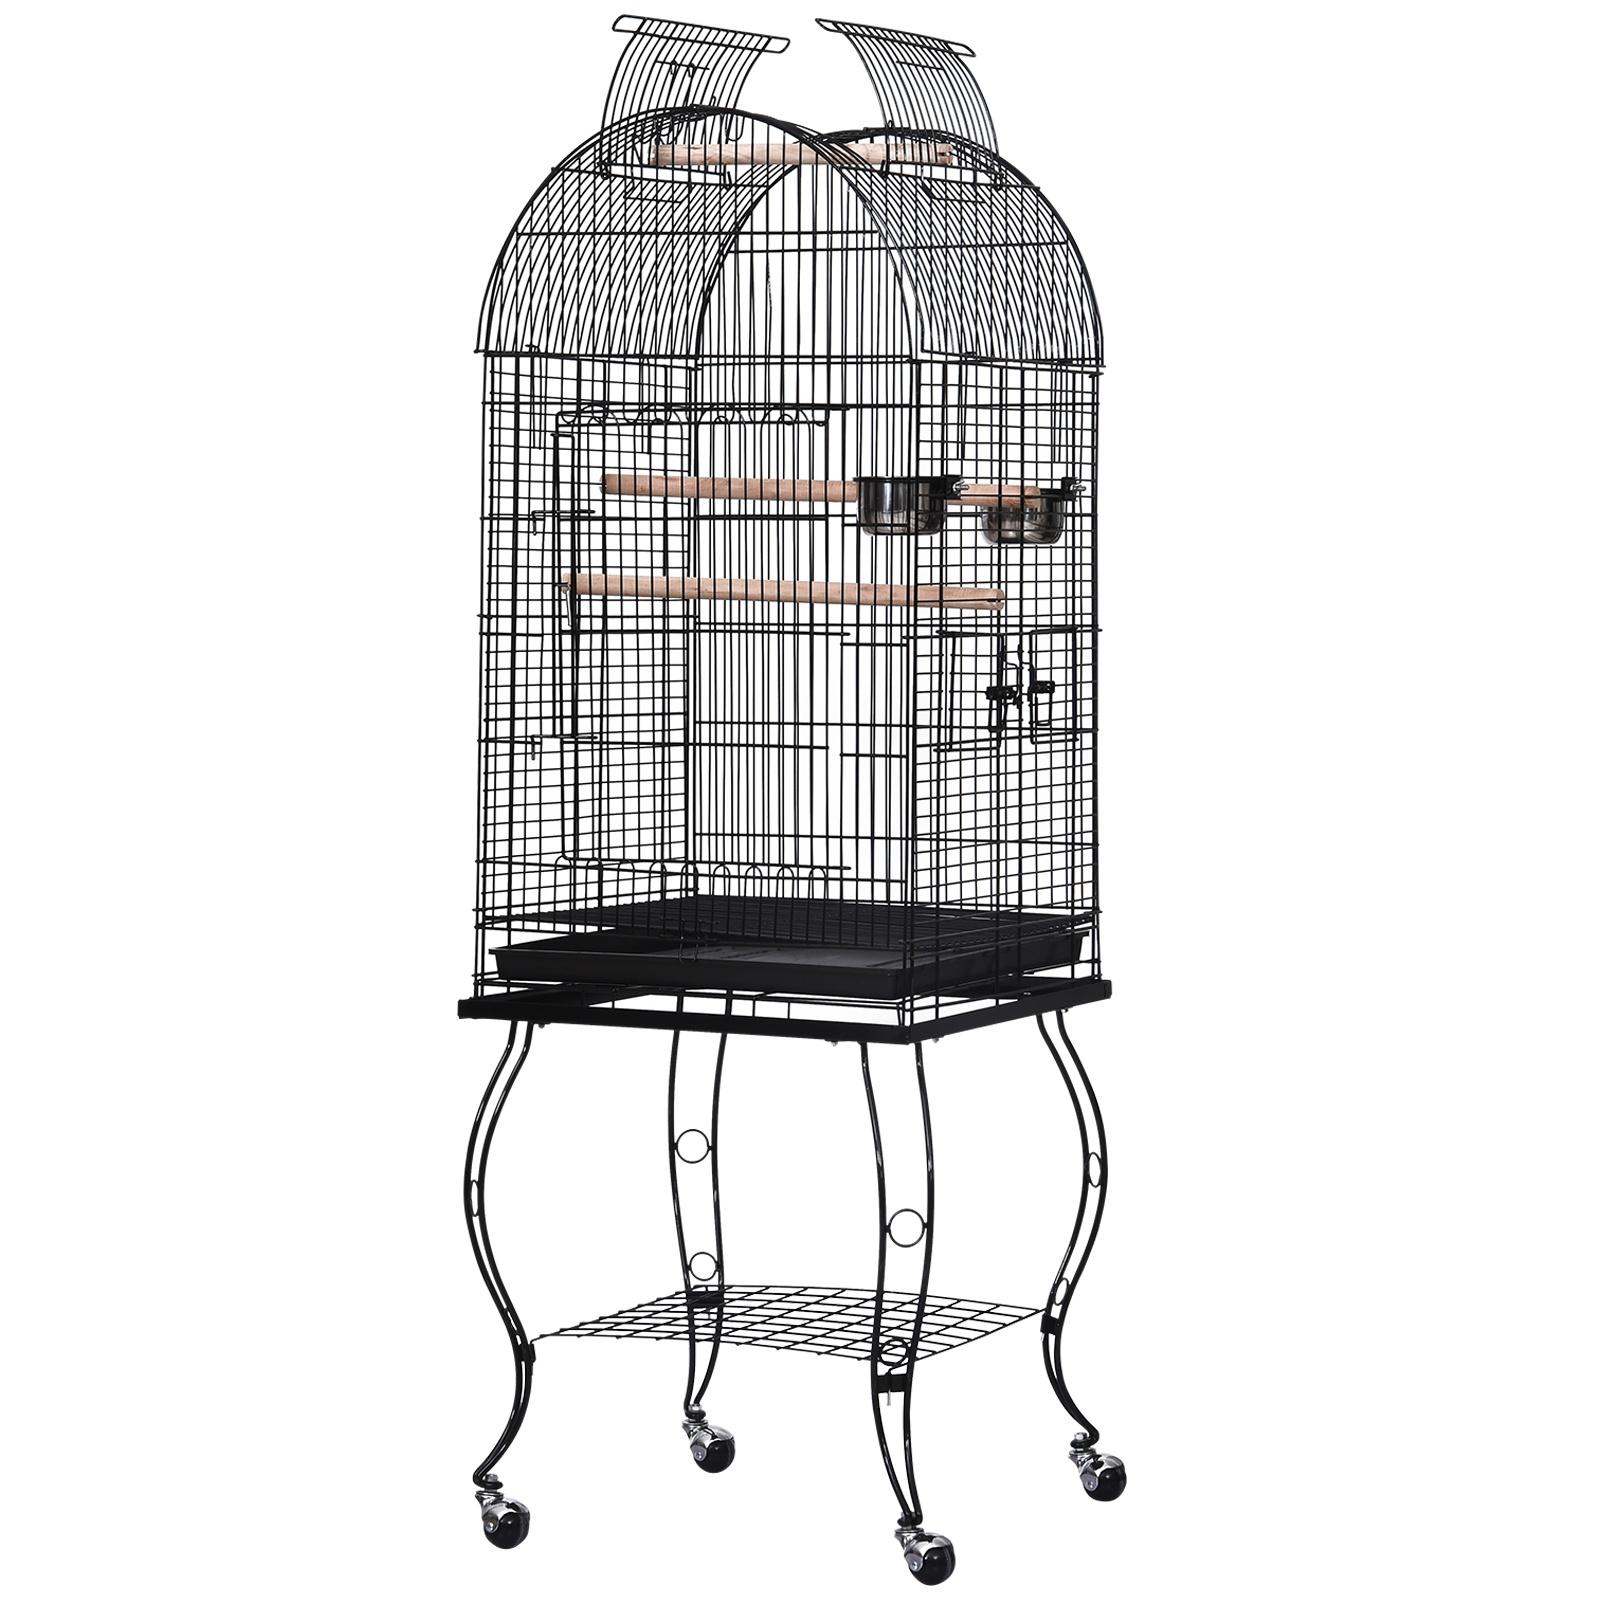 PawHut Gabbia per Uccelli, Canarini e Pappagalli in Metallo Nero con Ruote